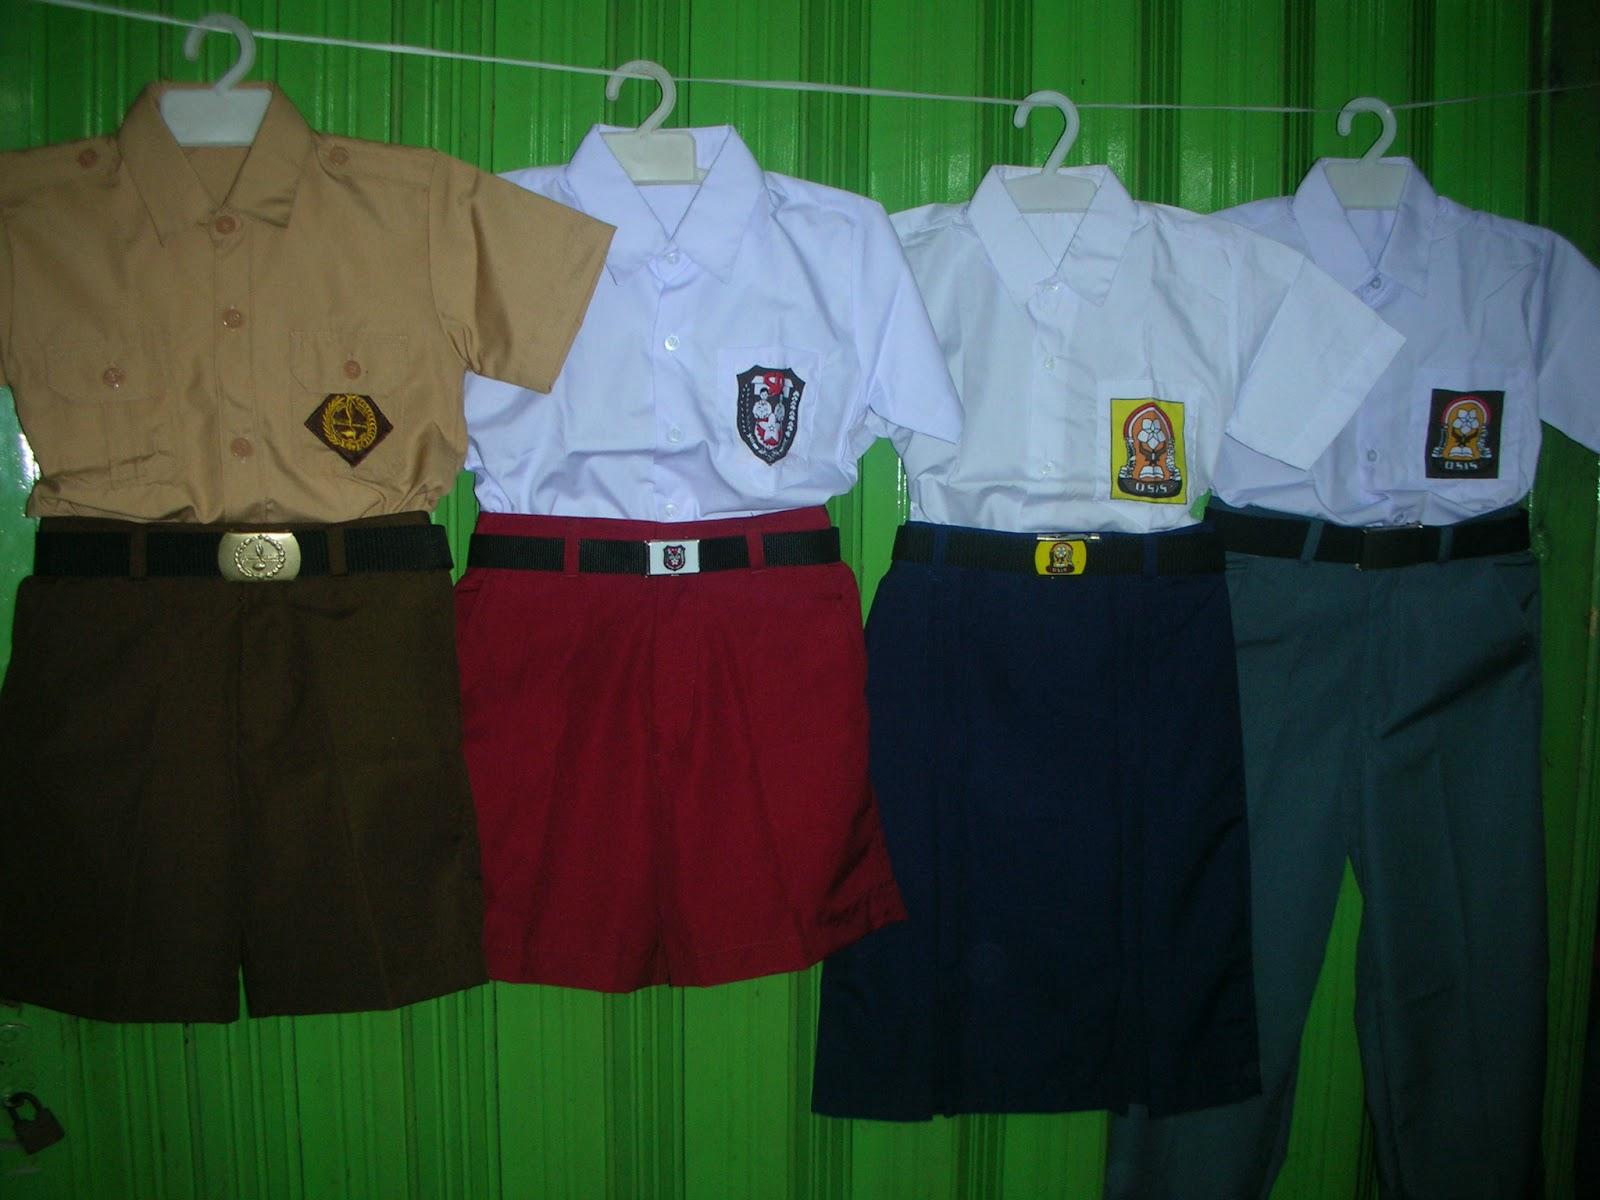 Seragam Sekolah SD SMP SMA dan Pramuka Rio Seragam Sekolah